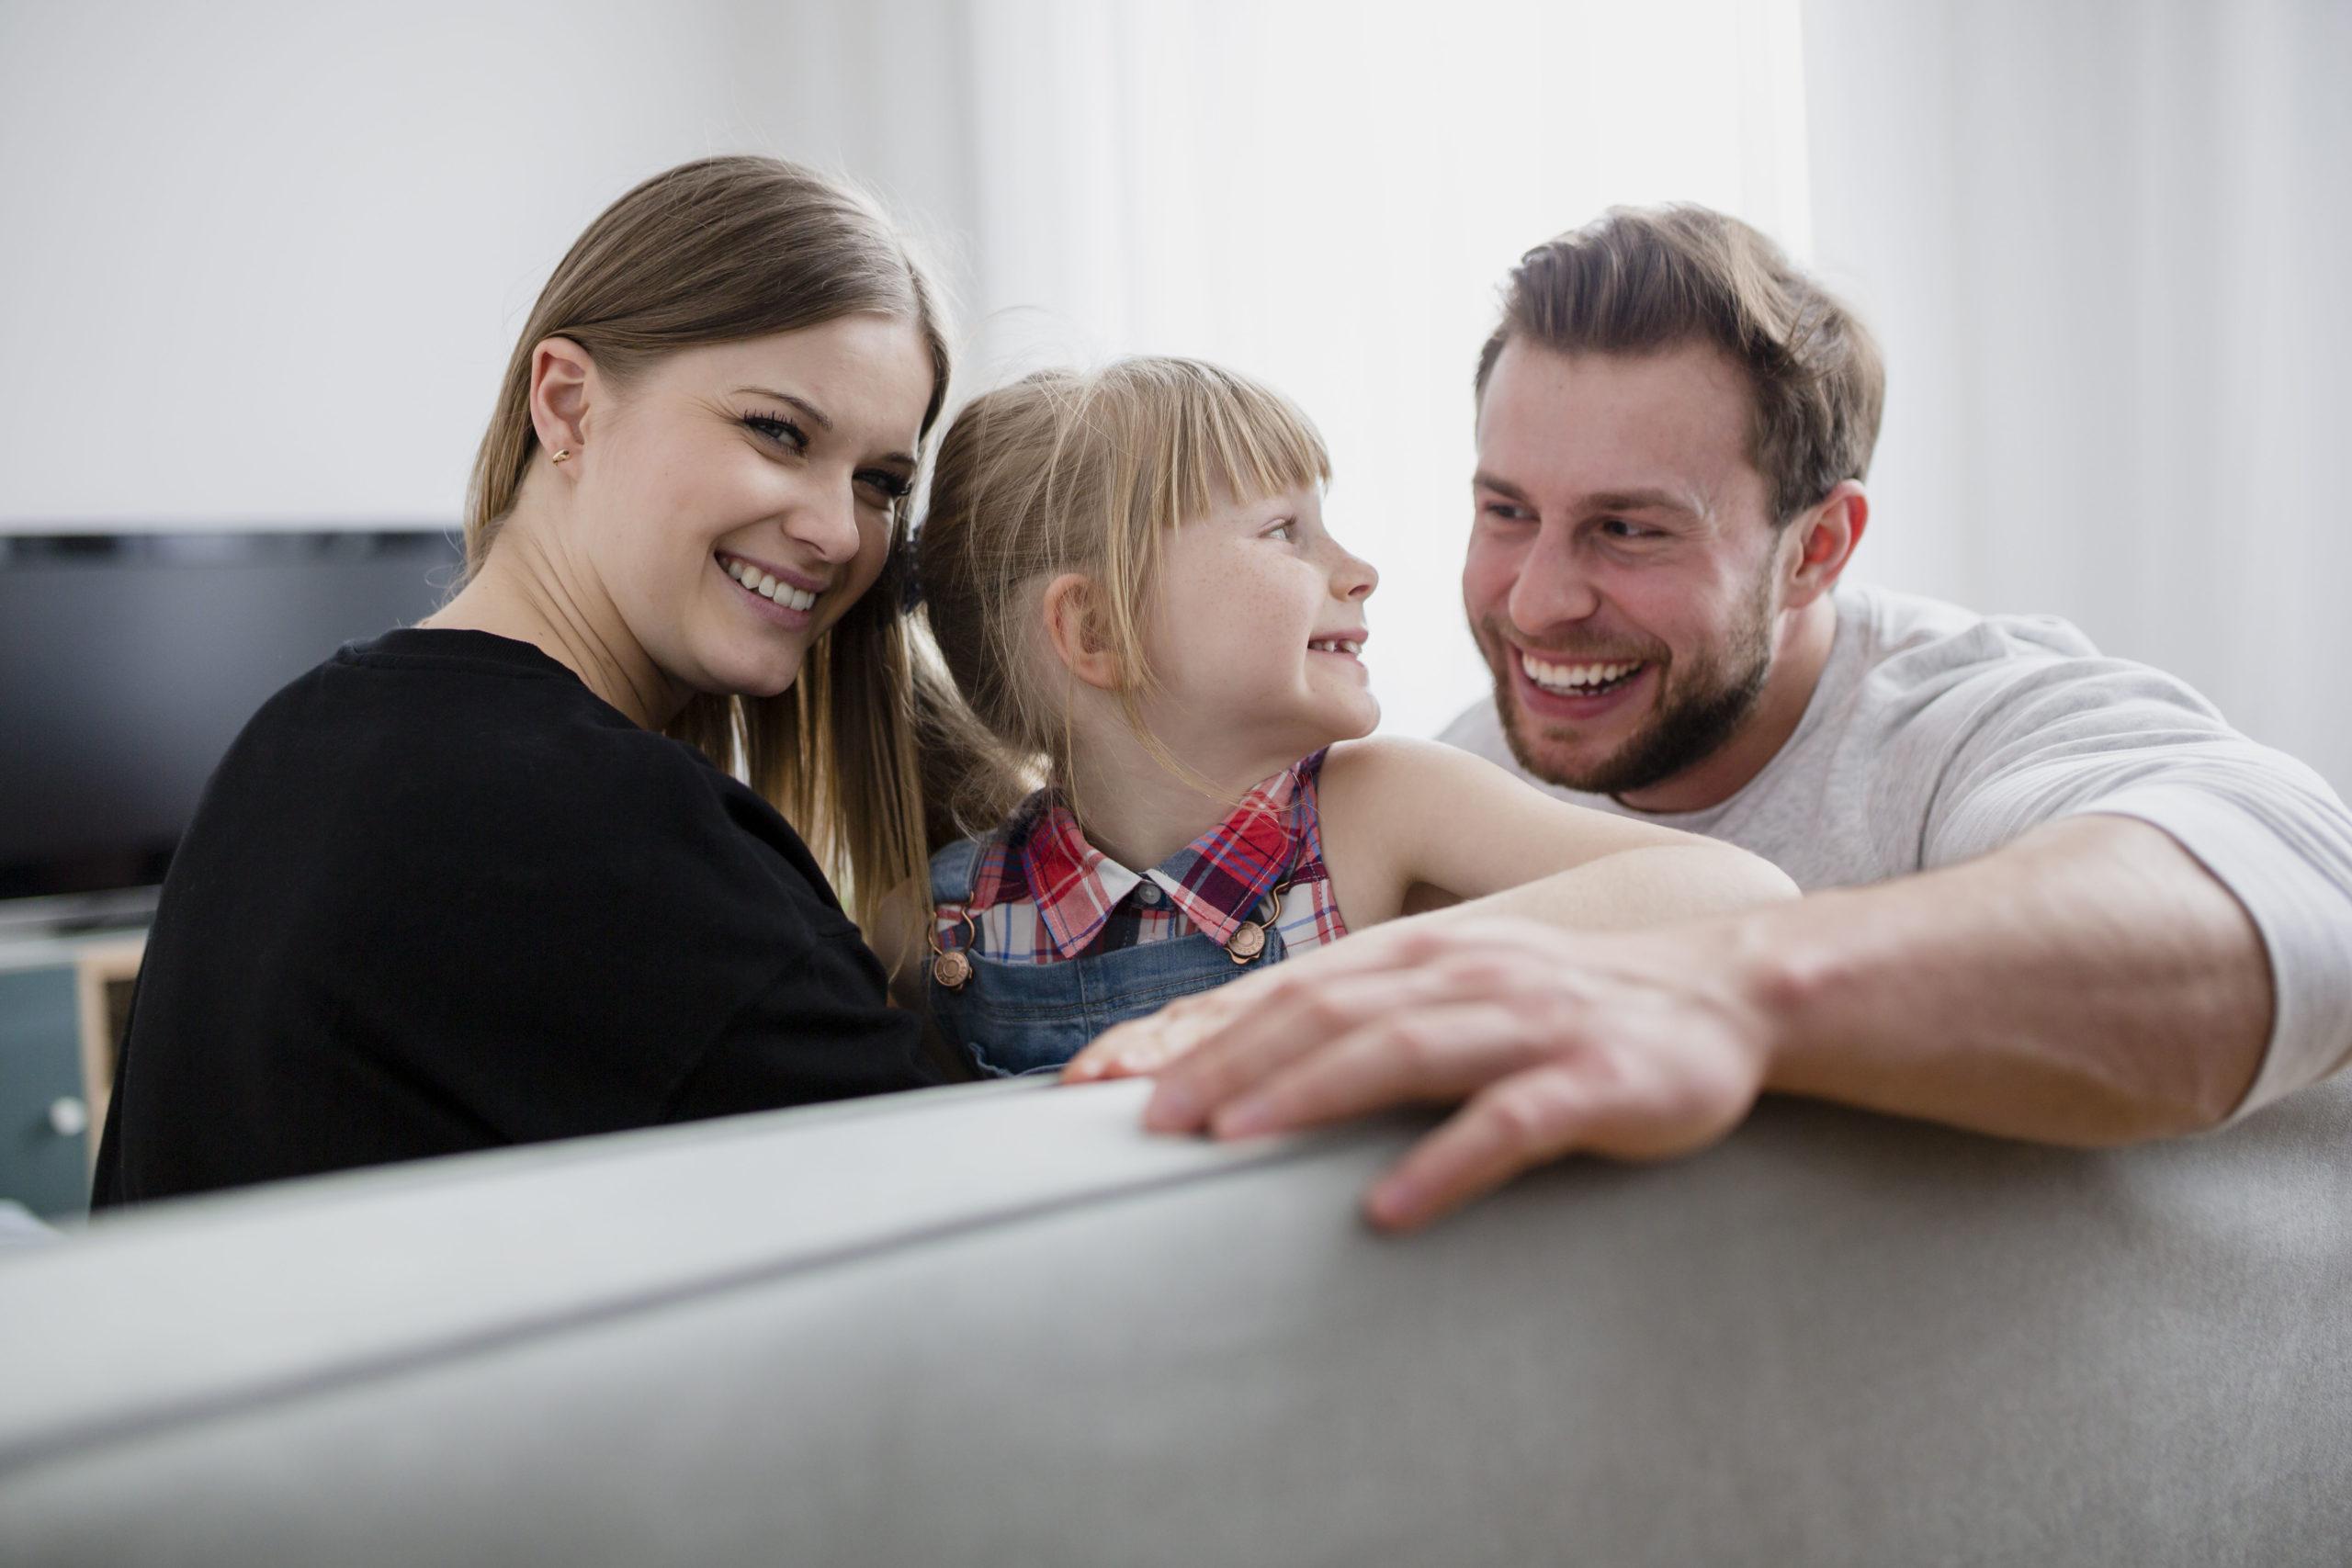 happy-family-on-sofa